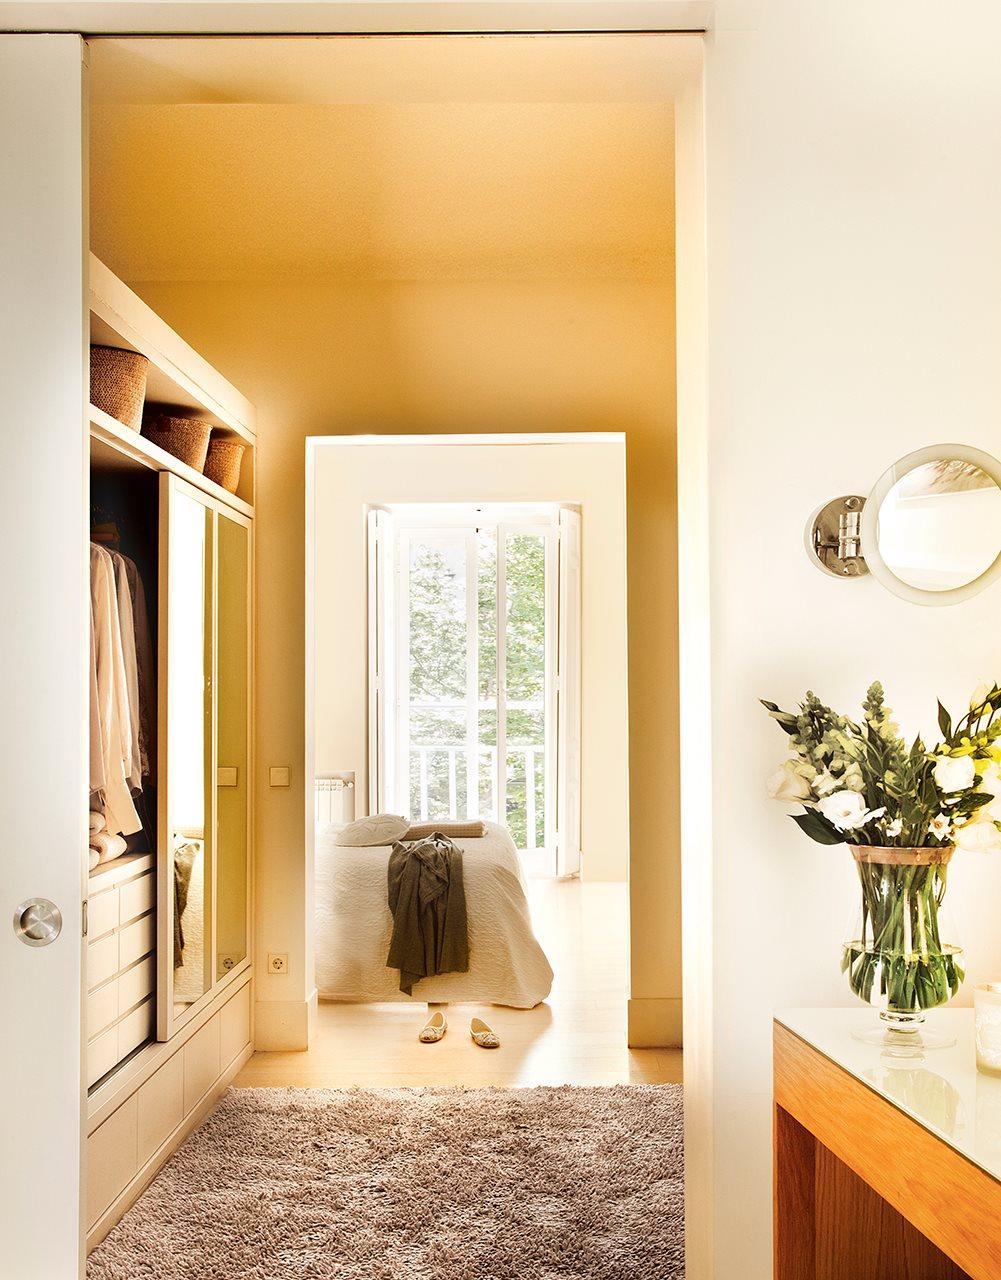 Dormitorio vestidor bao principales ideas increbles sobre for Puertas de dormitorios modelos